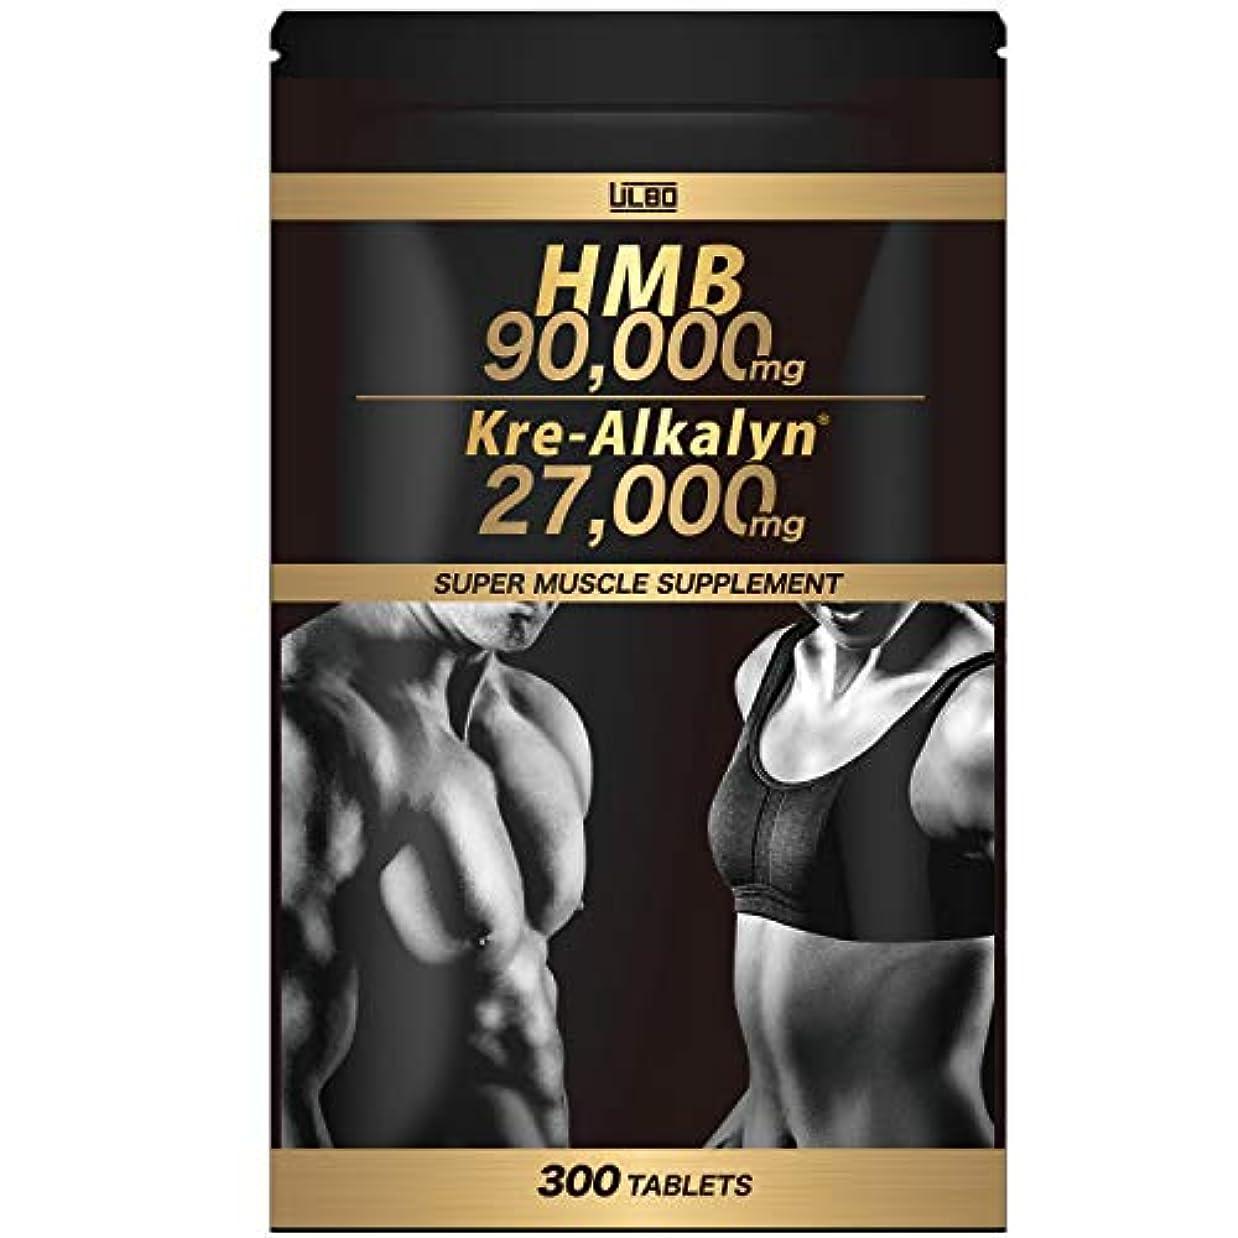 するテクスチャー予約ULBO HMB 吸収効率3.3倍 高純度クレアチン サプリメント 1袋HMB90,000mg配合